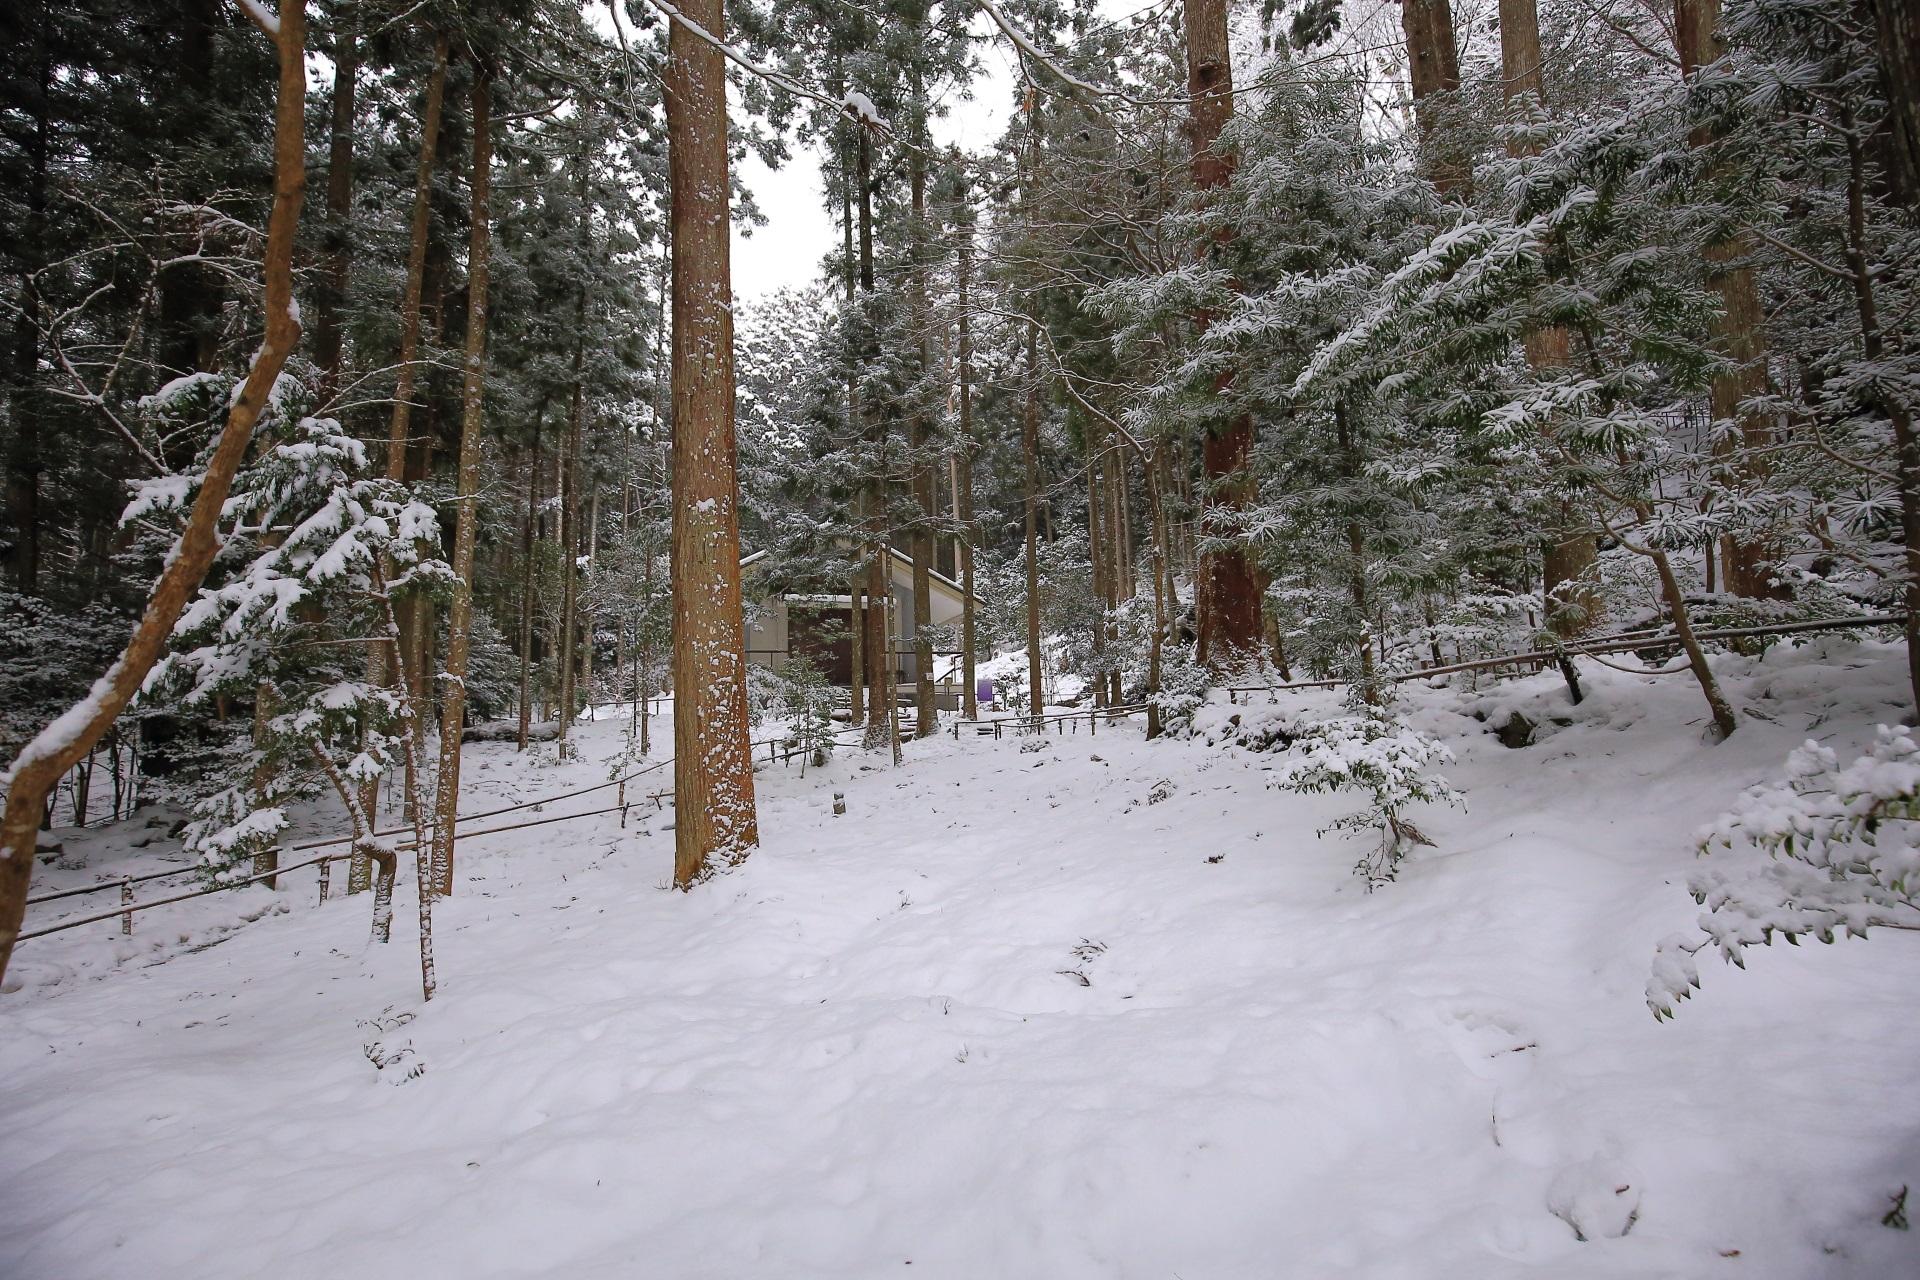 寂光院の真っ白な雪に覆われた庭園と蔵